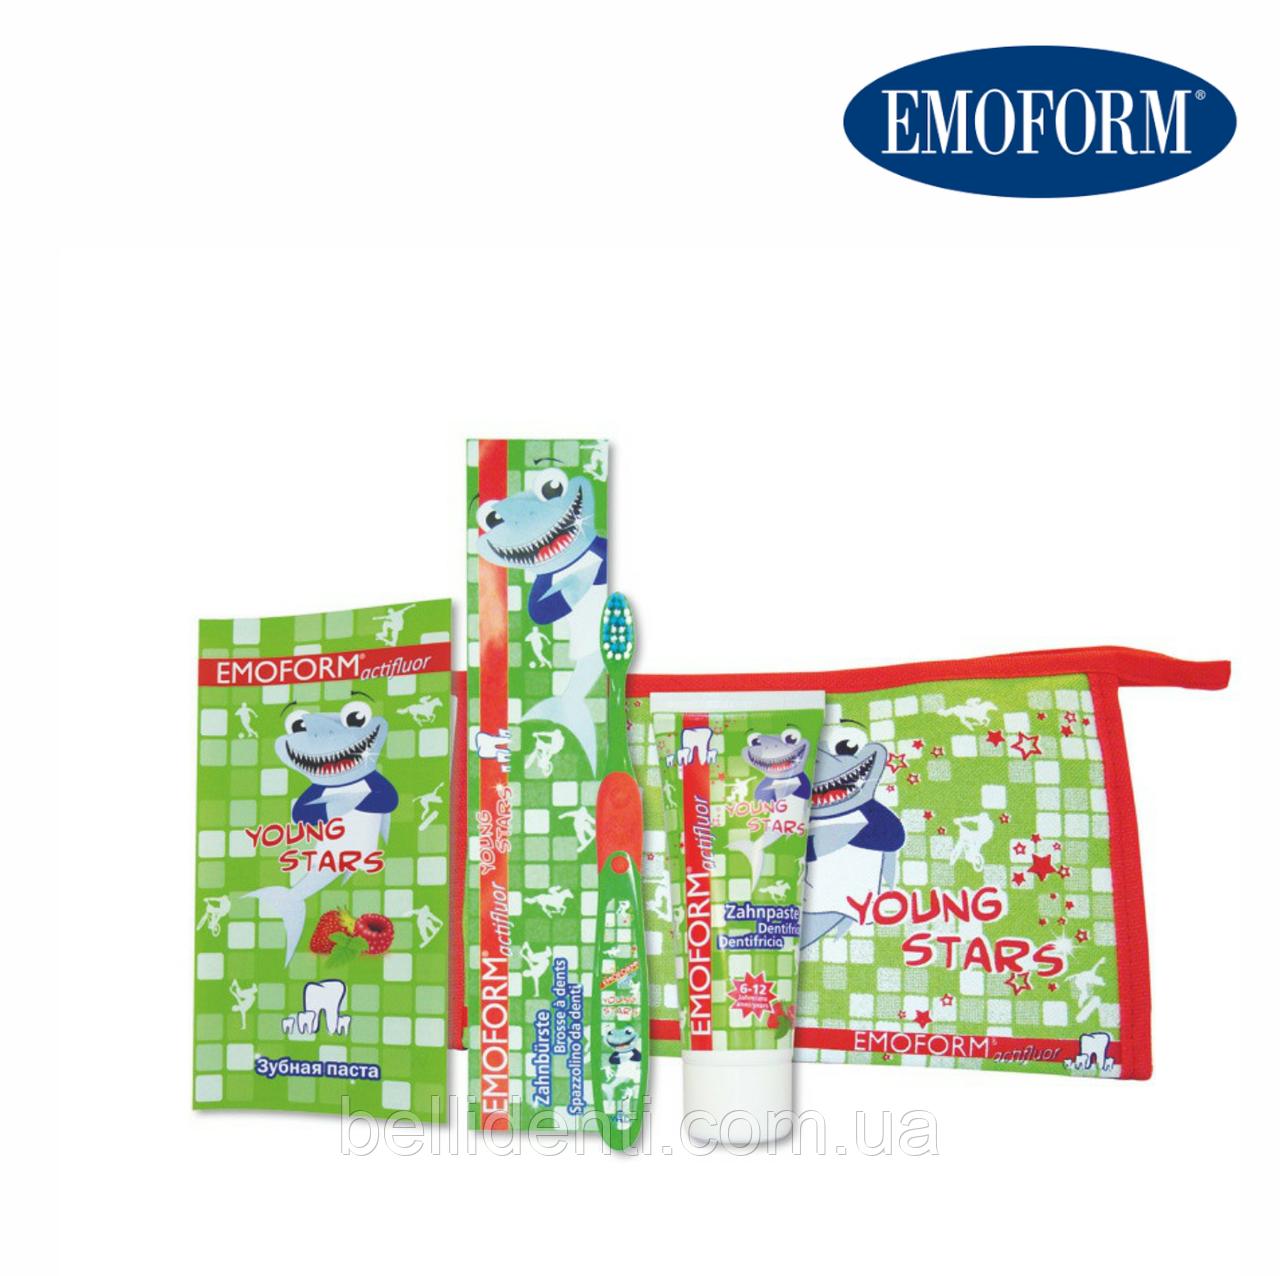 EMOFORM® actifluor YOUNGSTARS Set Детский набор по уходу за зубами (6-12 лет)